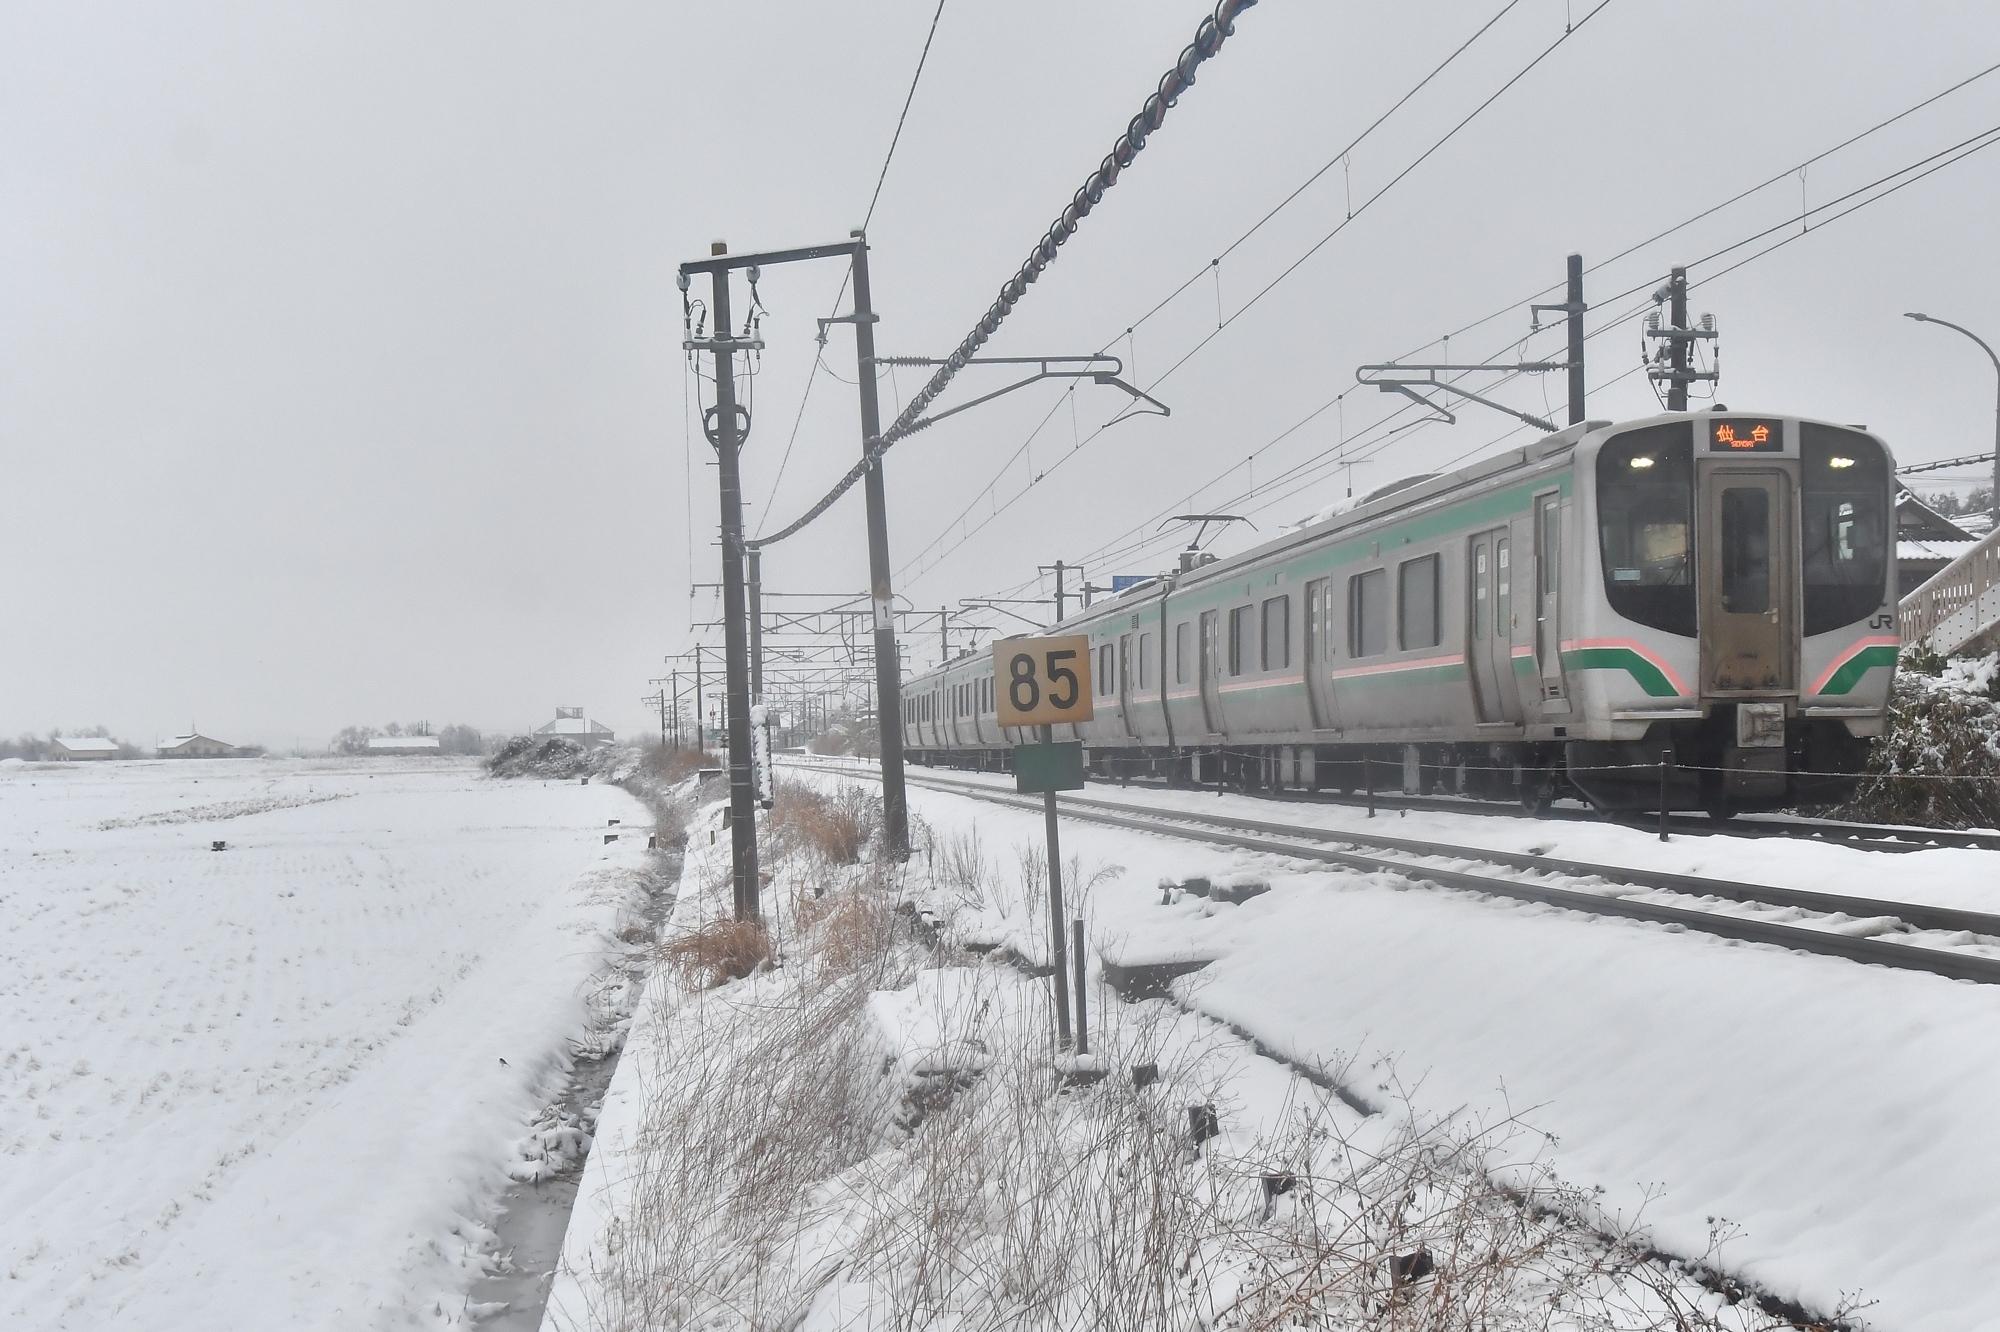 DSC_7612-2s.jpg